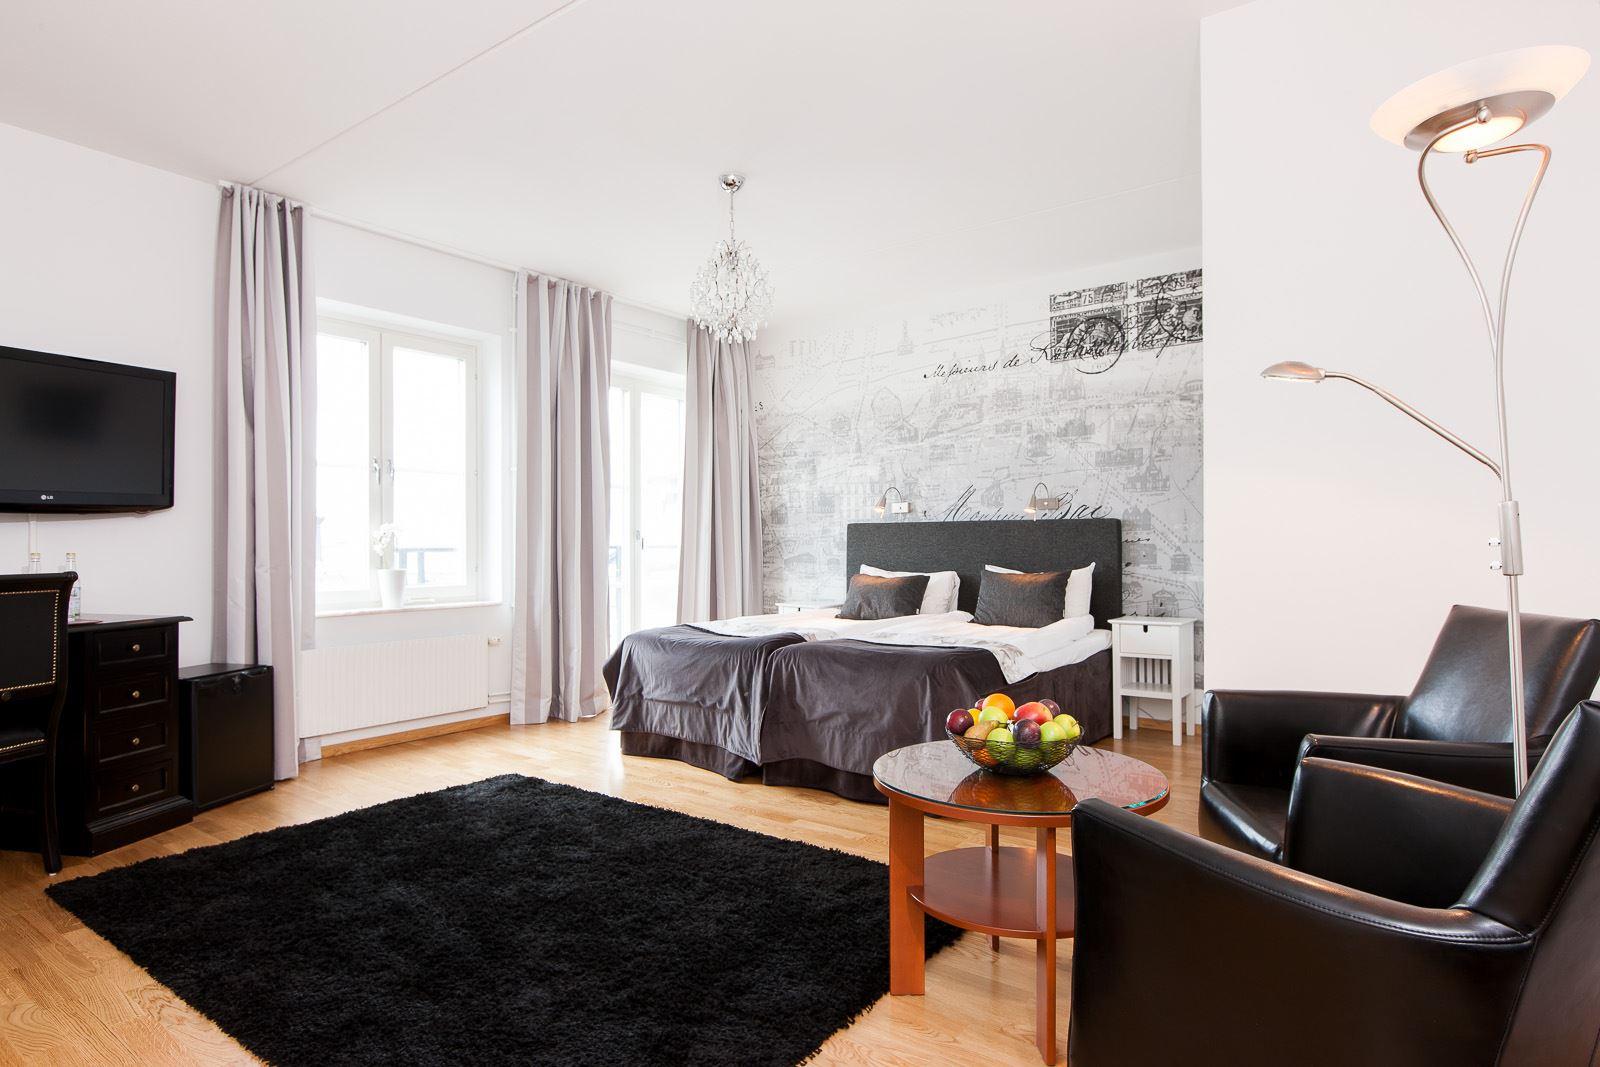 Behrn Hotell, Örebro